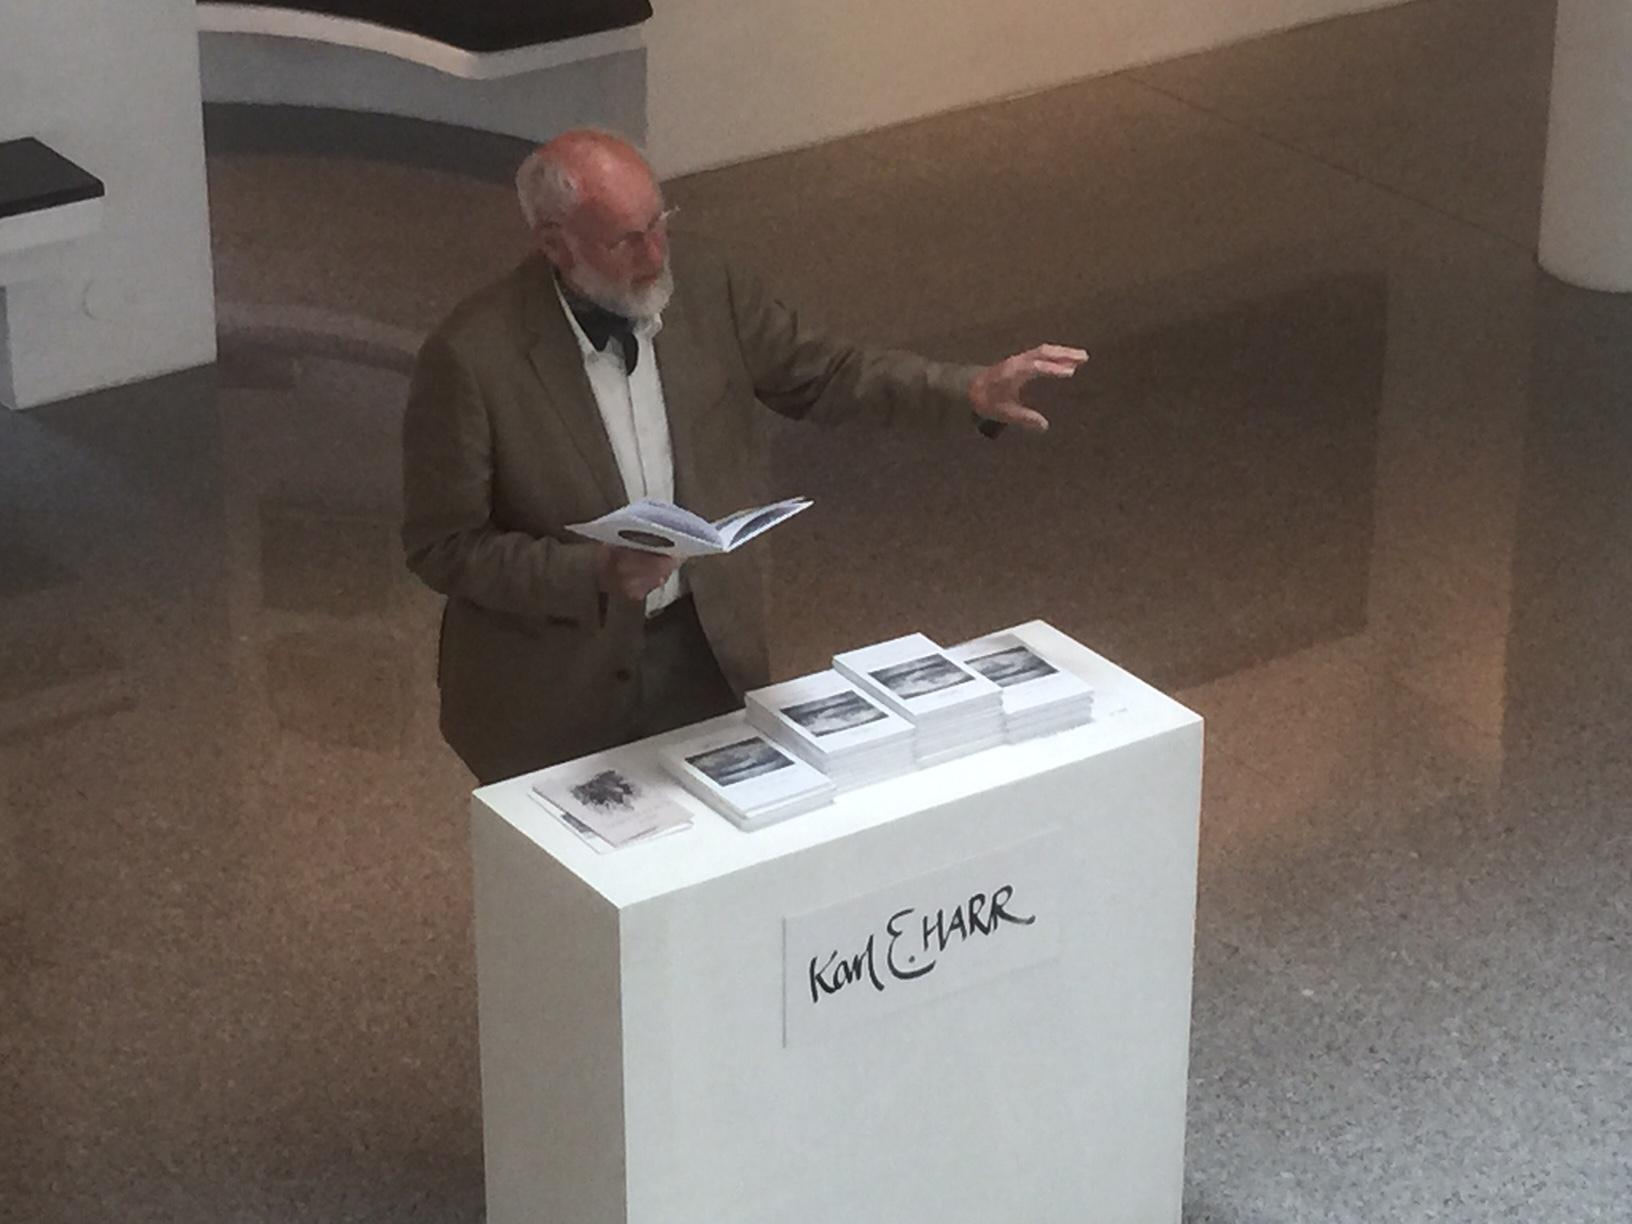 Karl Erik Harr i galleriet.